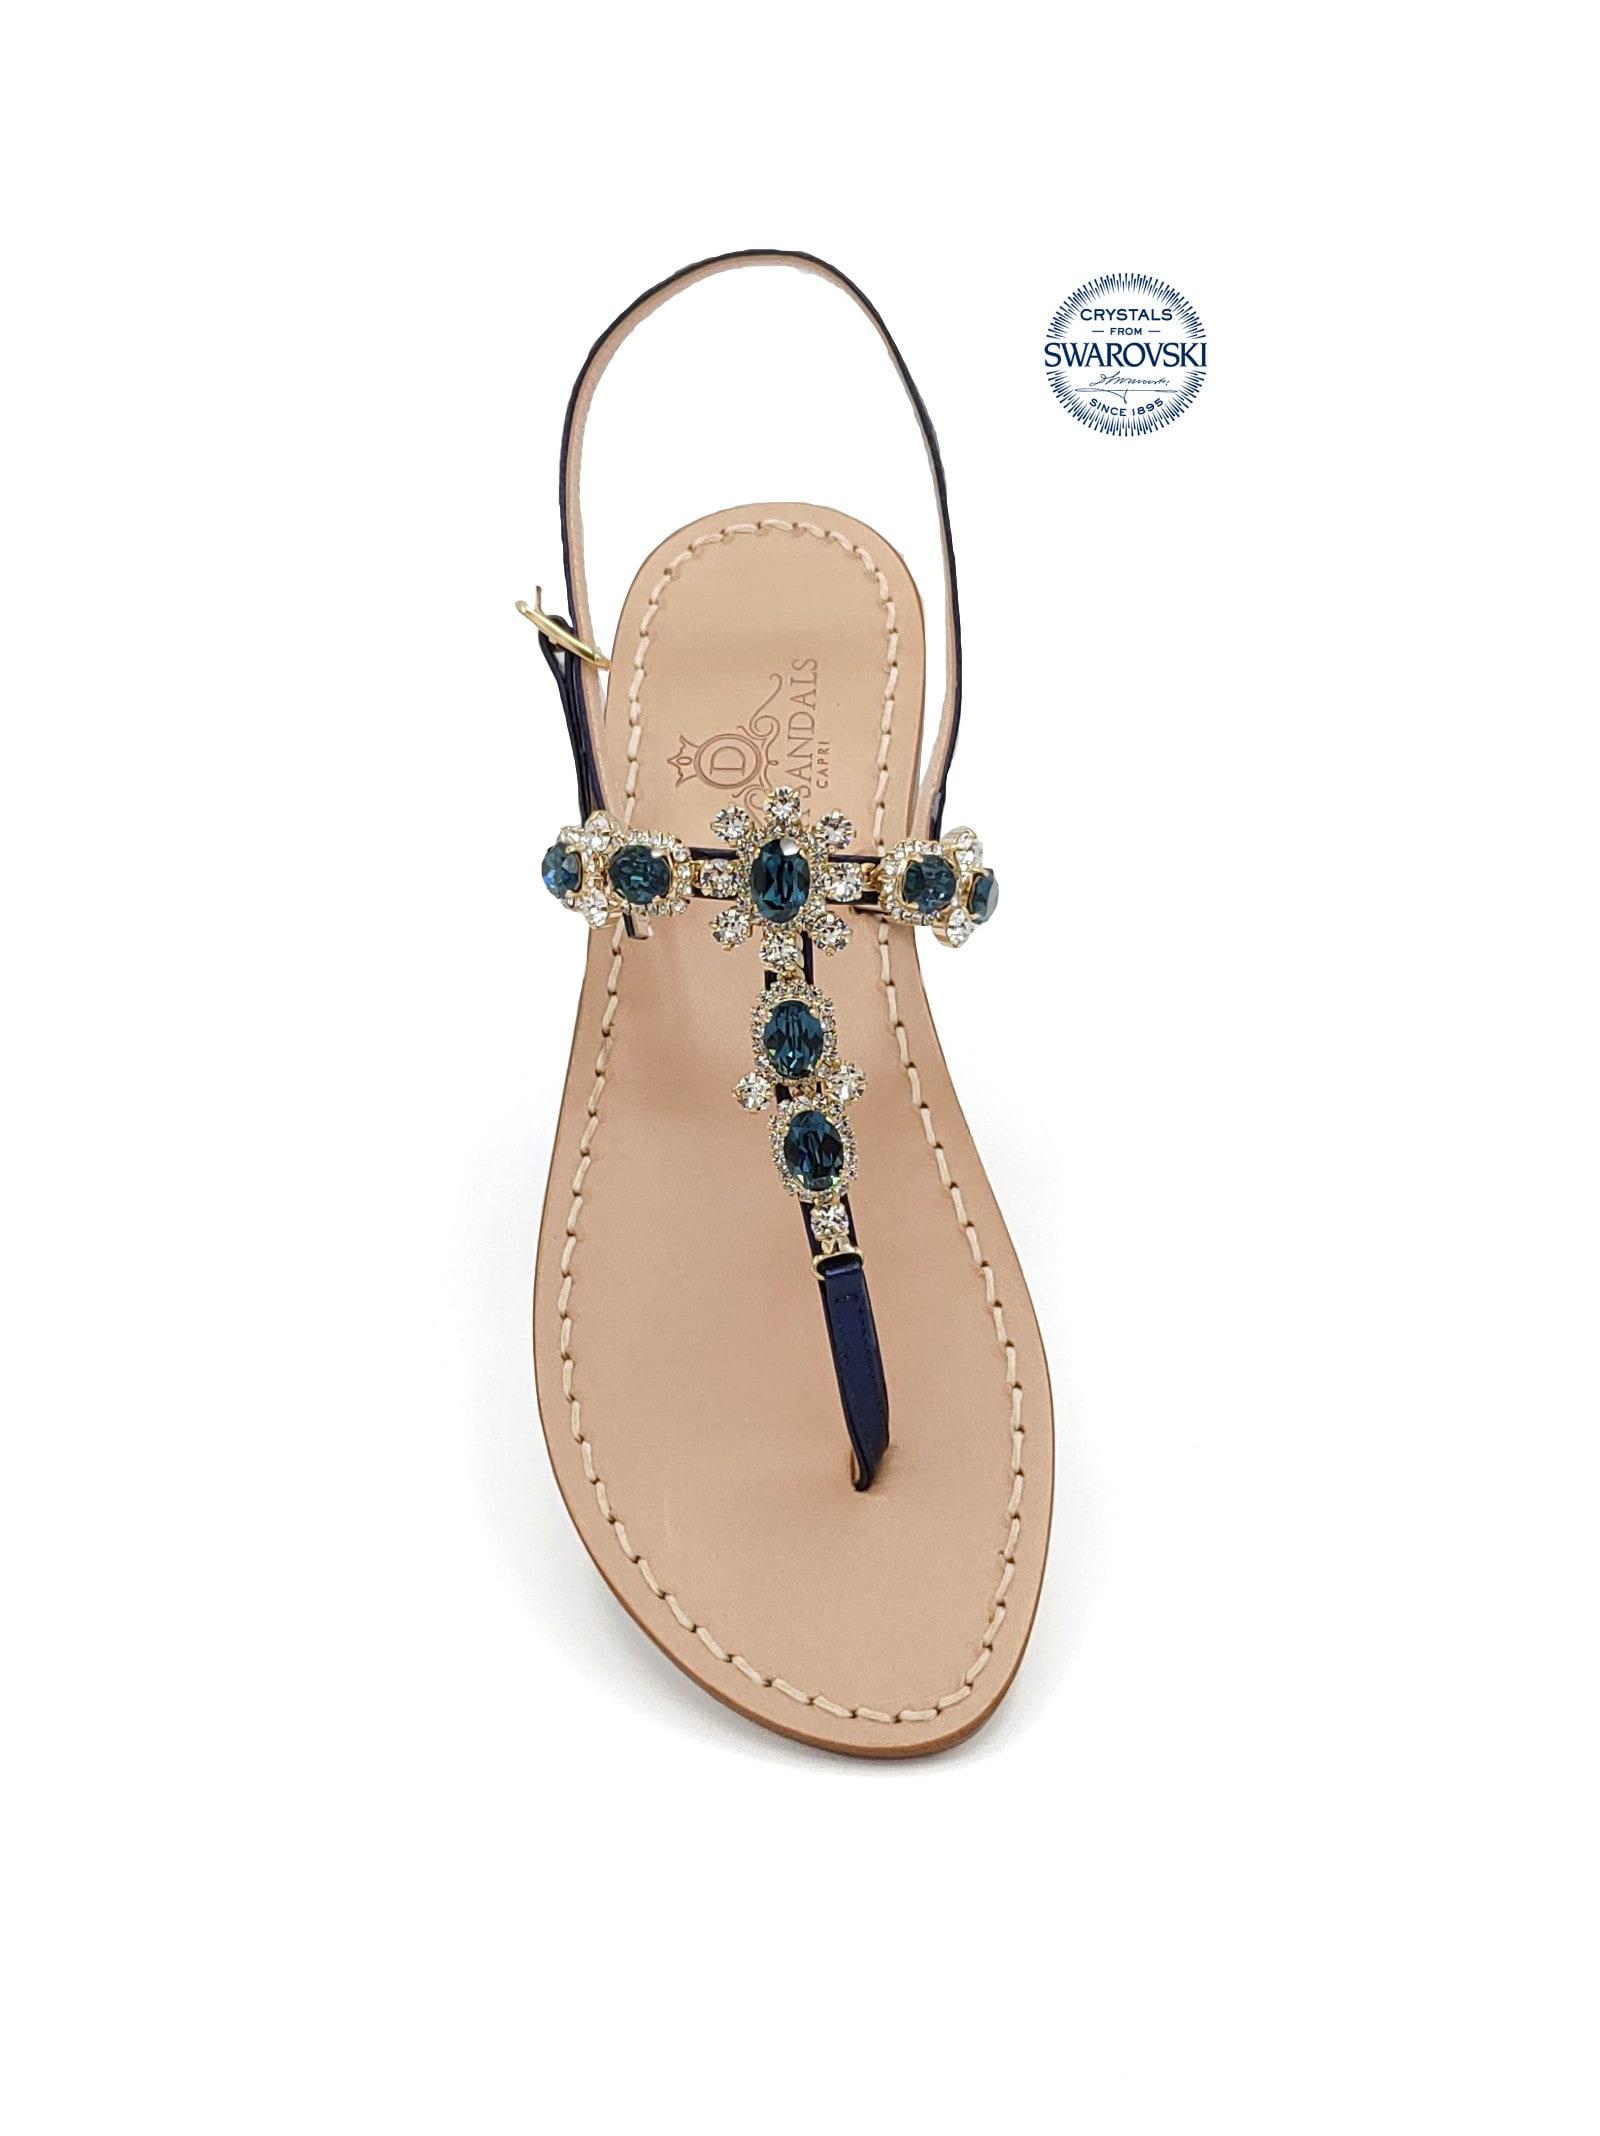 Via Krupp Jewel Flip Flops Sandals